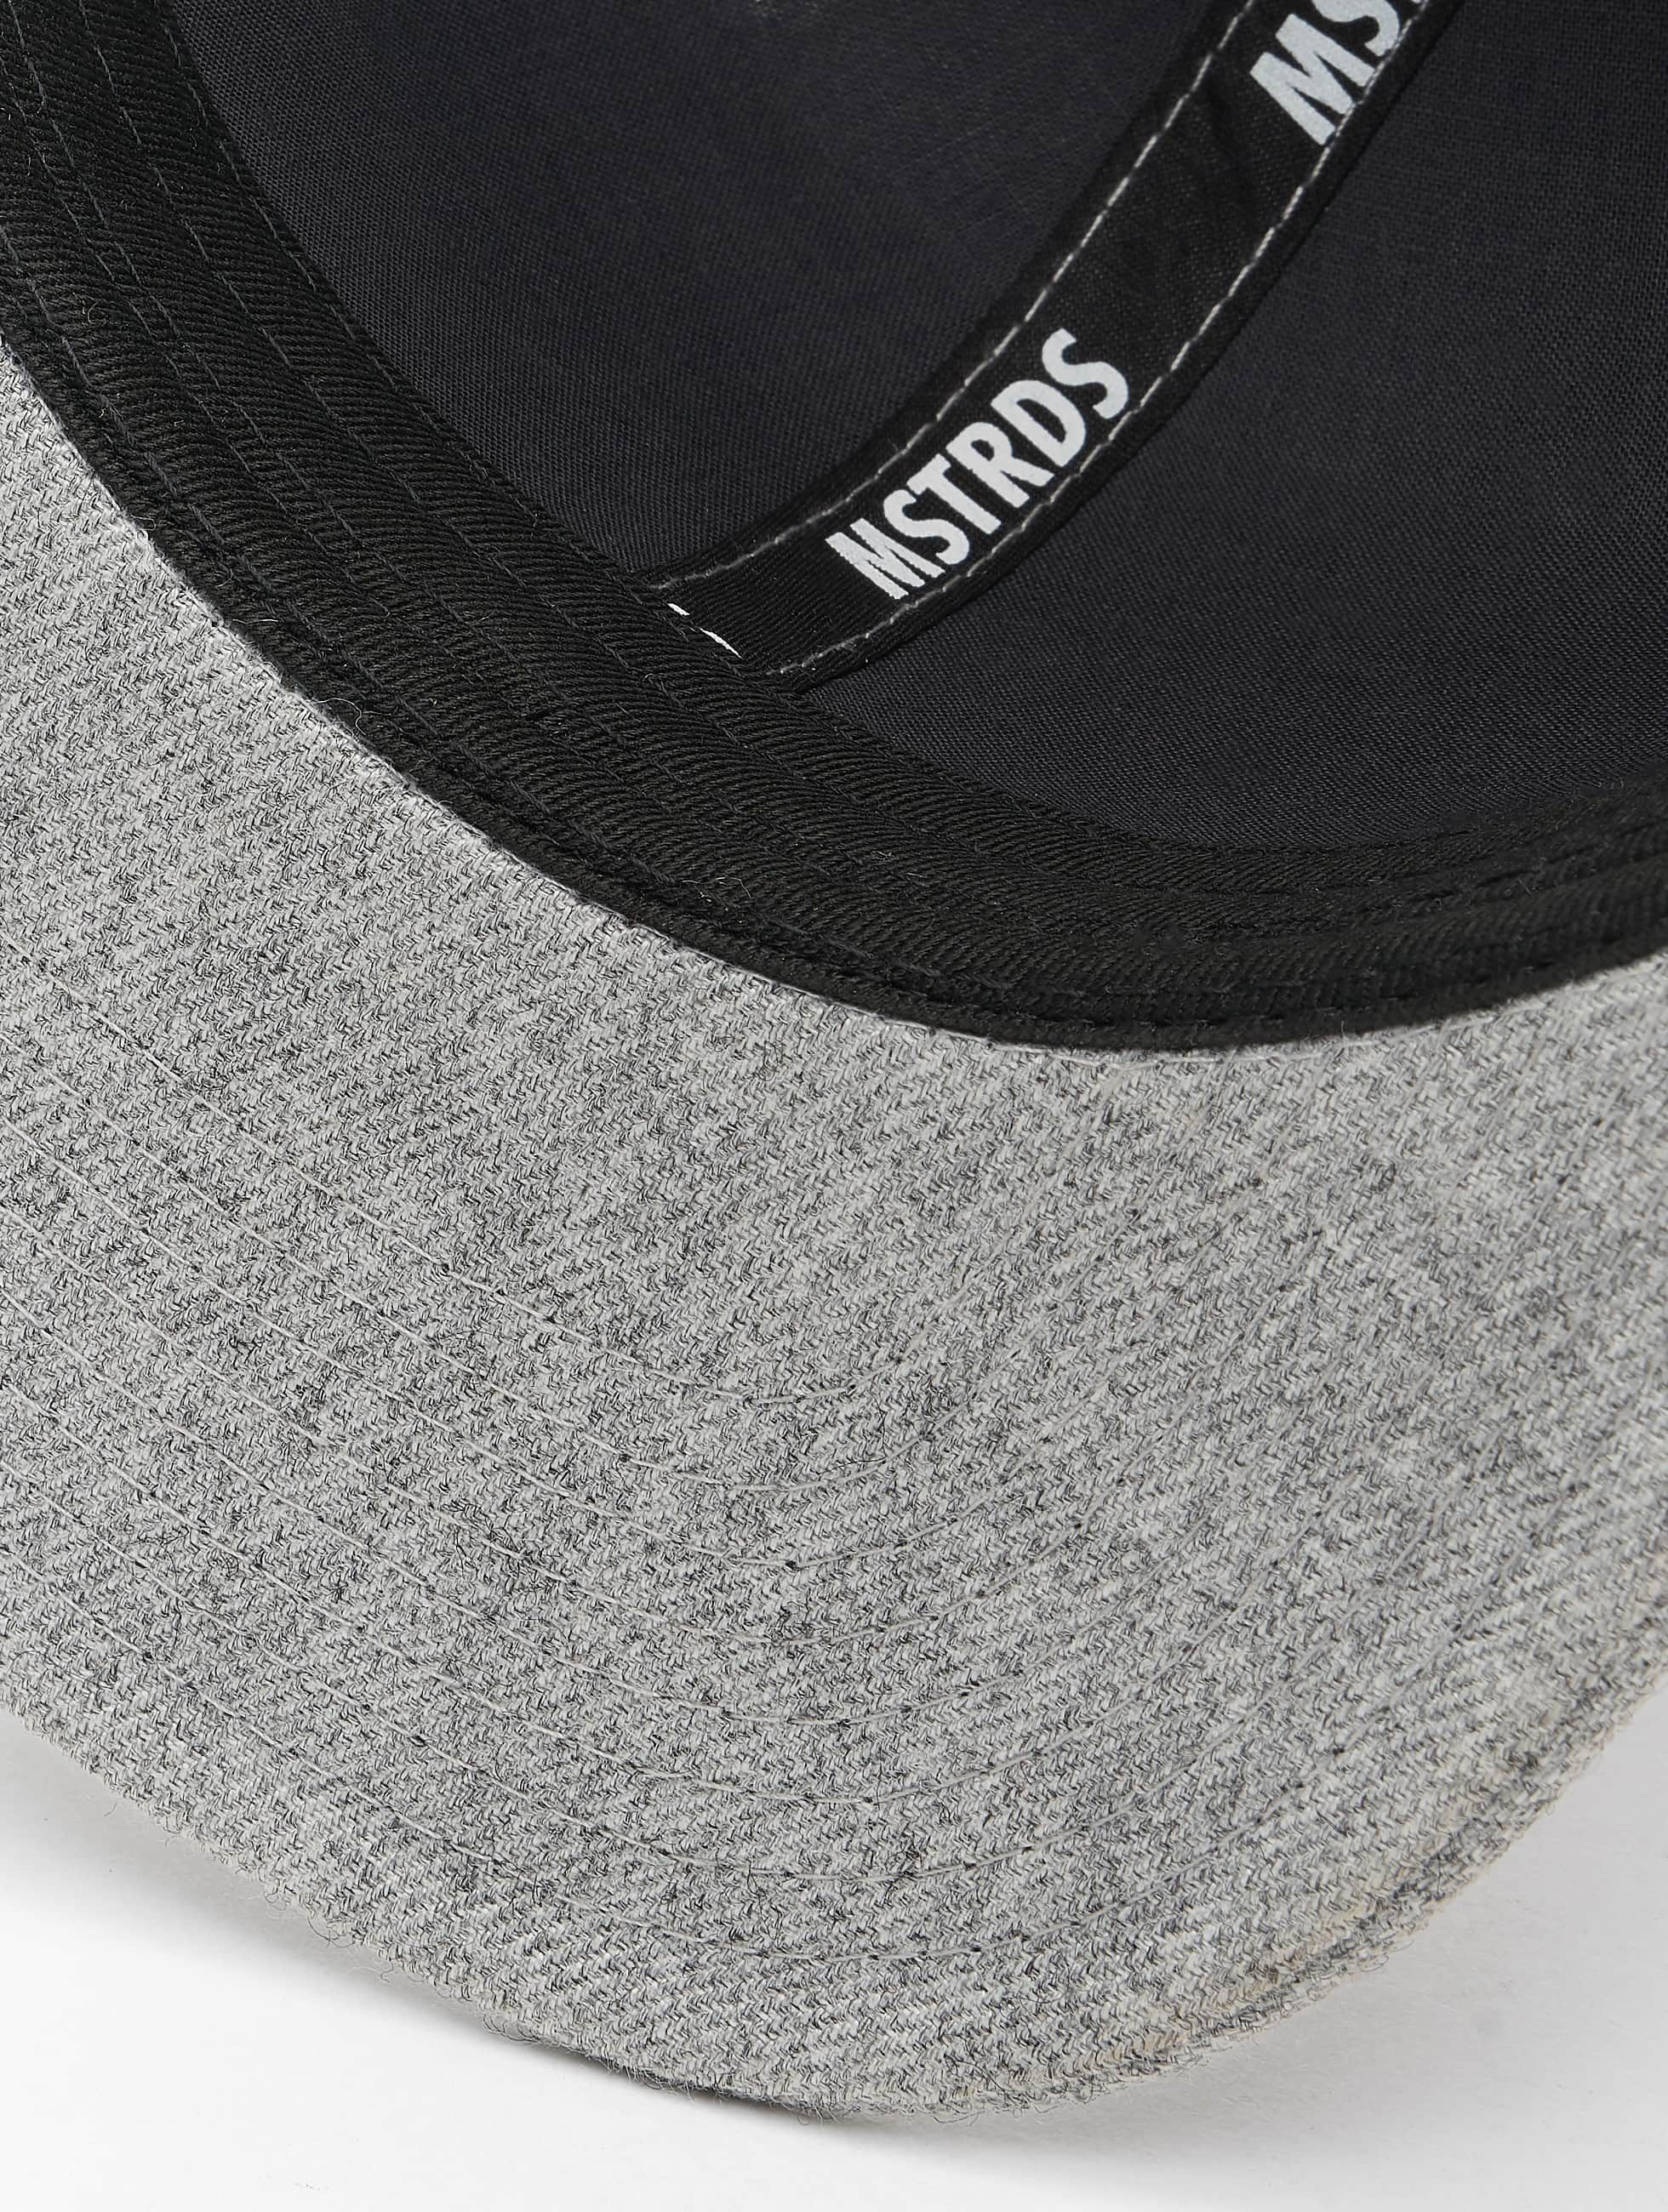 MSTRDS Casquette Snapback & Strapback B Letter gris